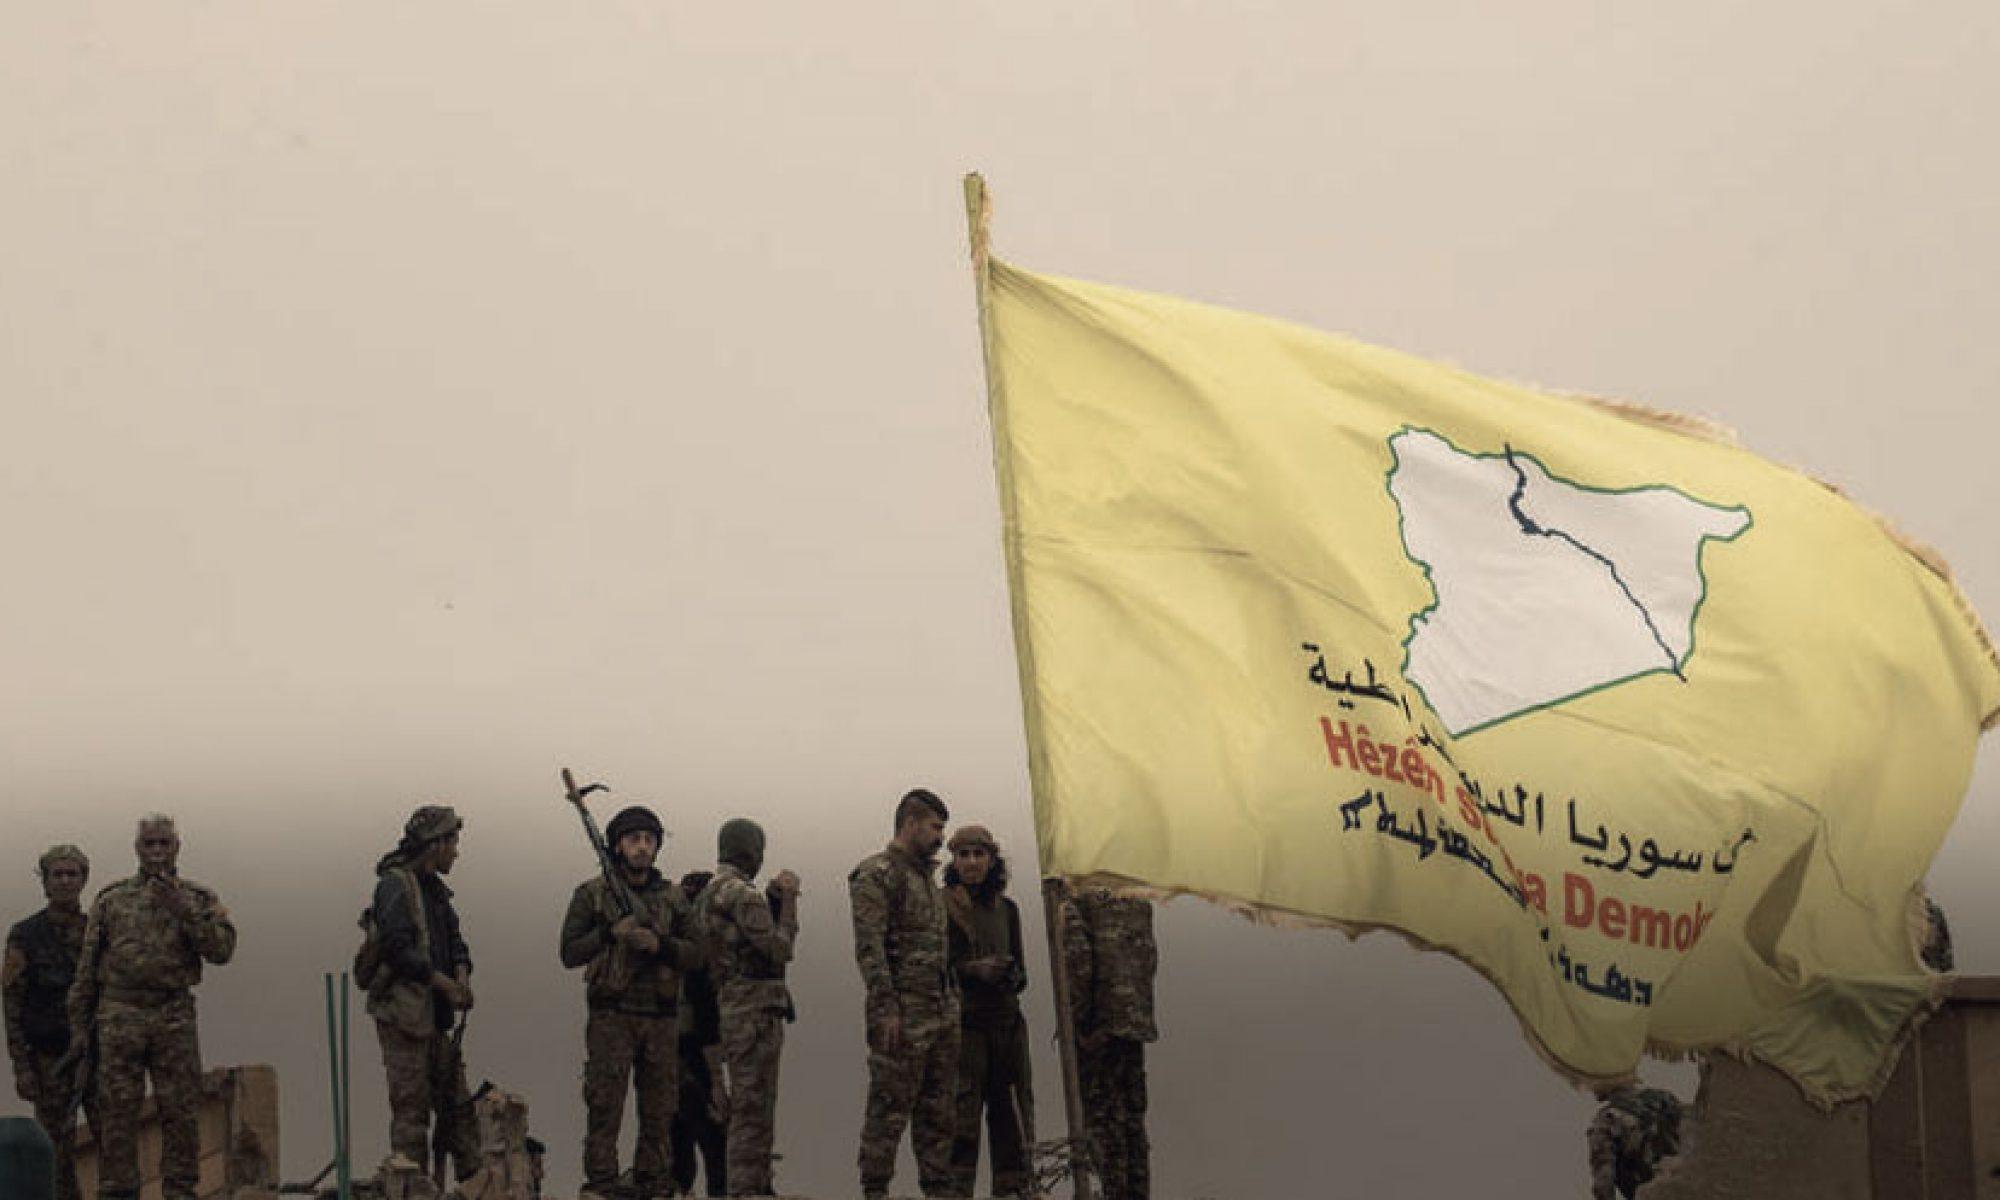 SOHR: IŞİD Tabka havaalanında HSD güçlerine saldırdı